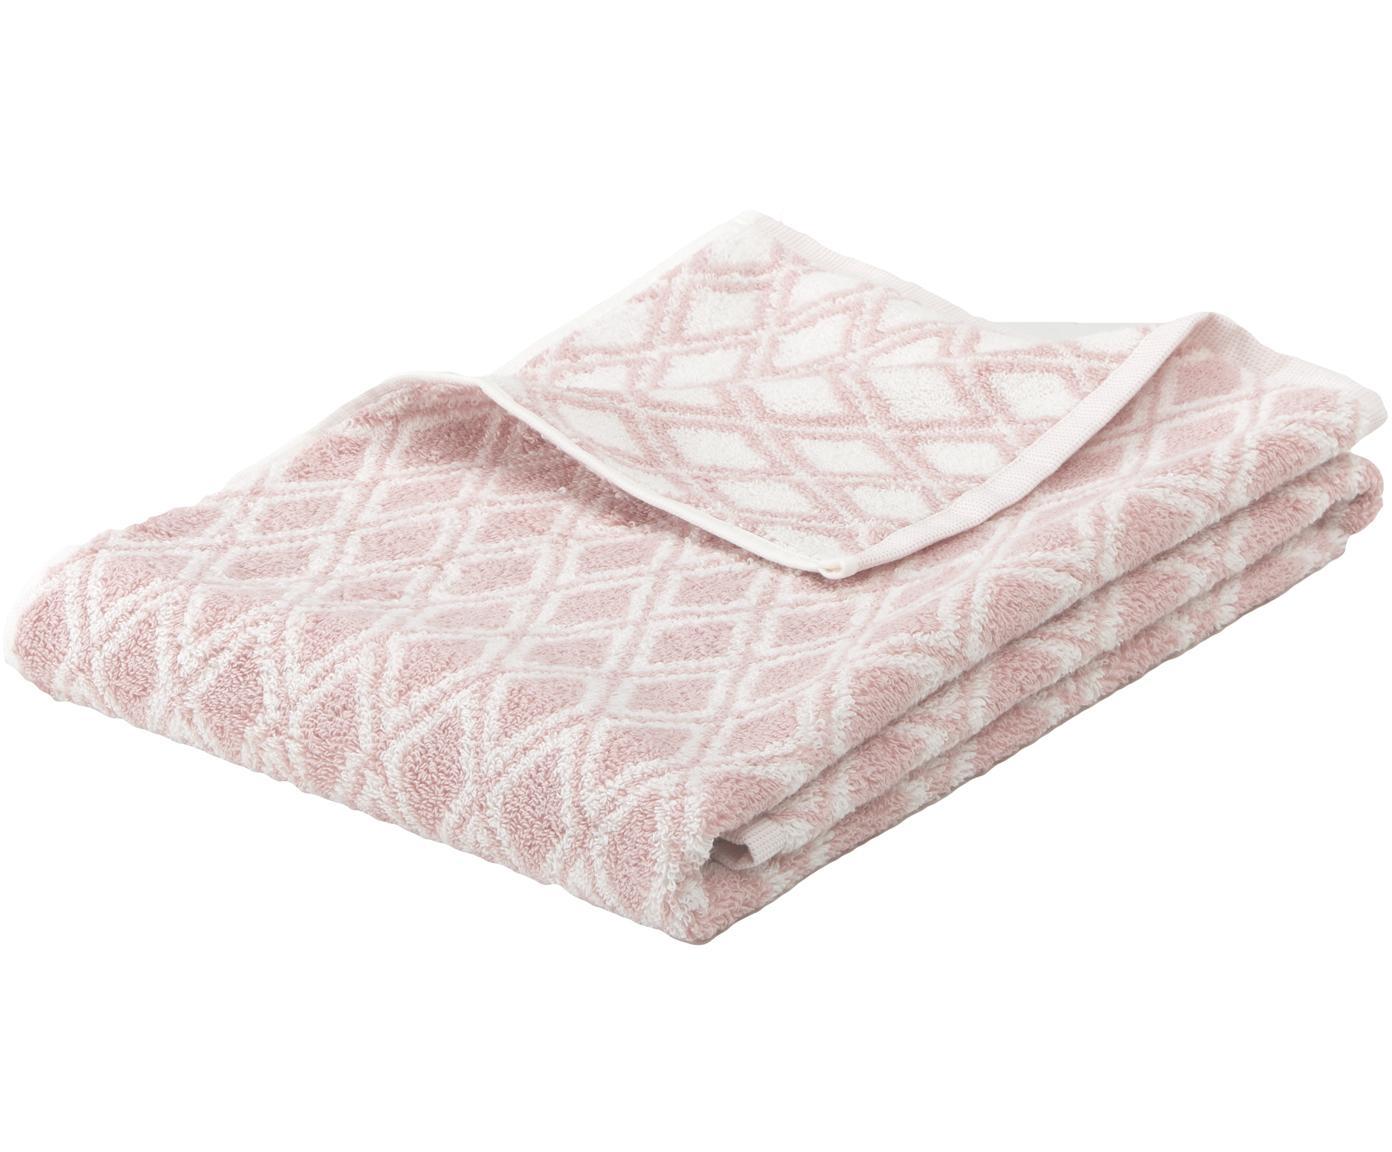 Wende-Handtuch Ava mit grafischem Muster, Rosa, Cremeweiß, Handtuch